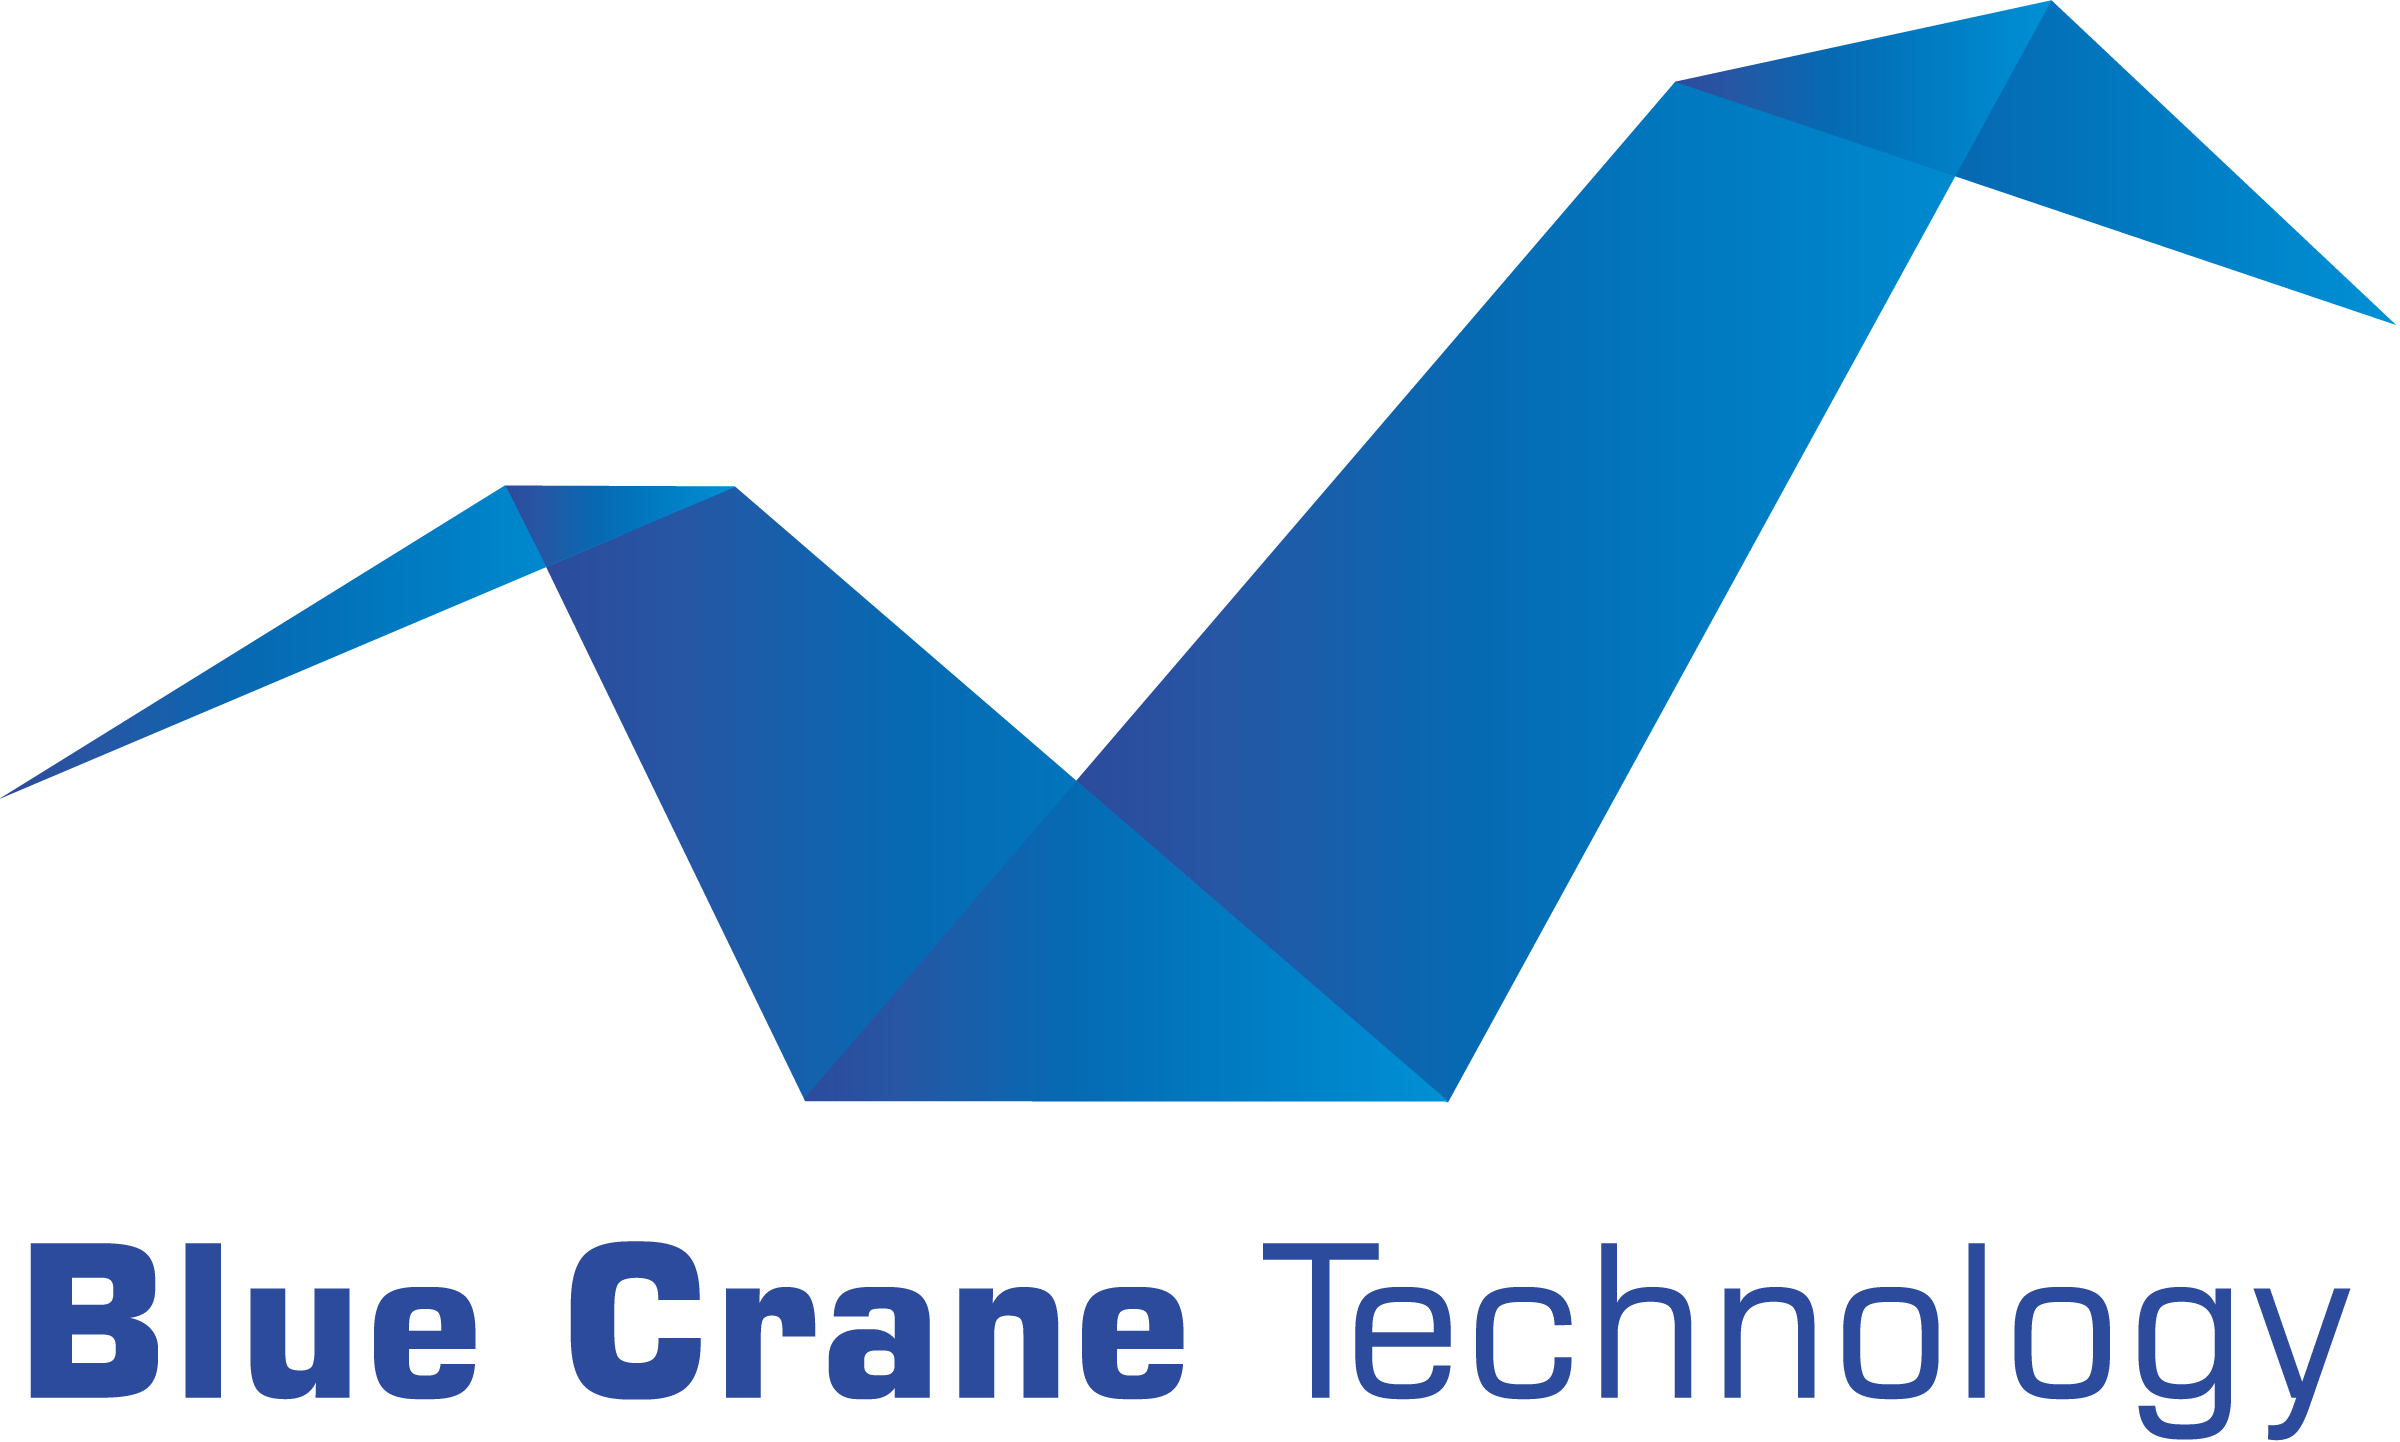 Crane clipart blue crane. About us technology